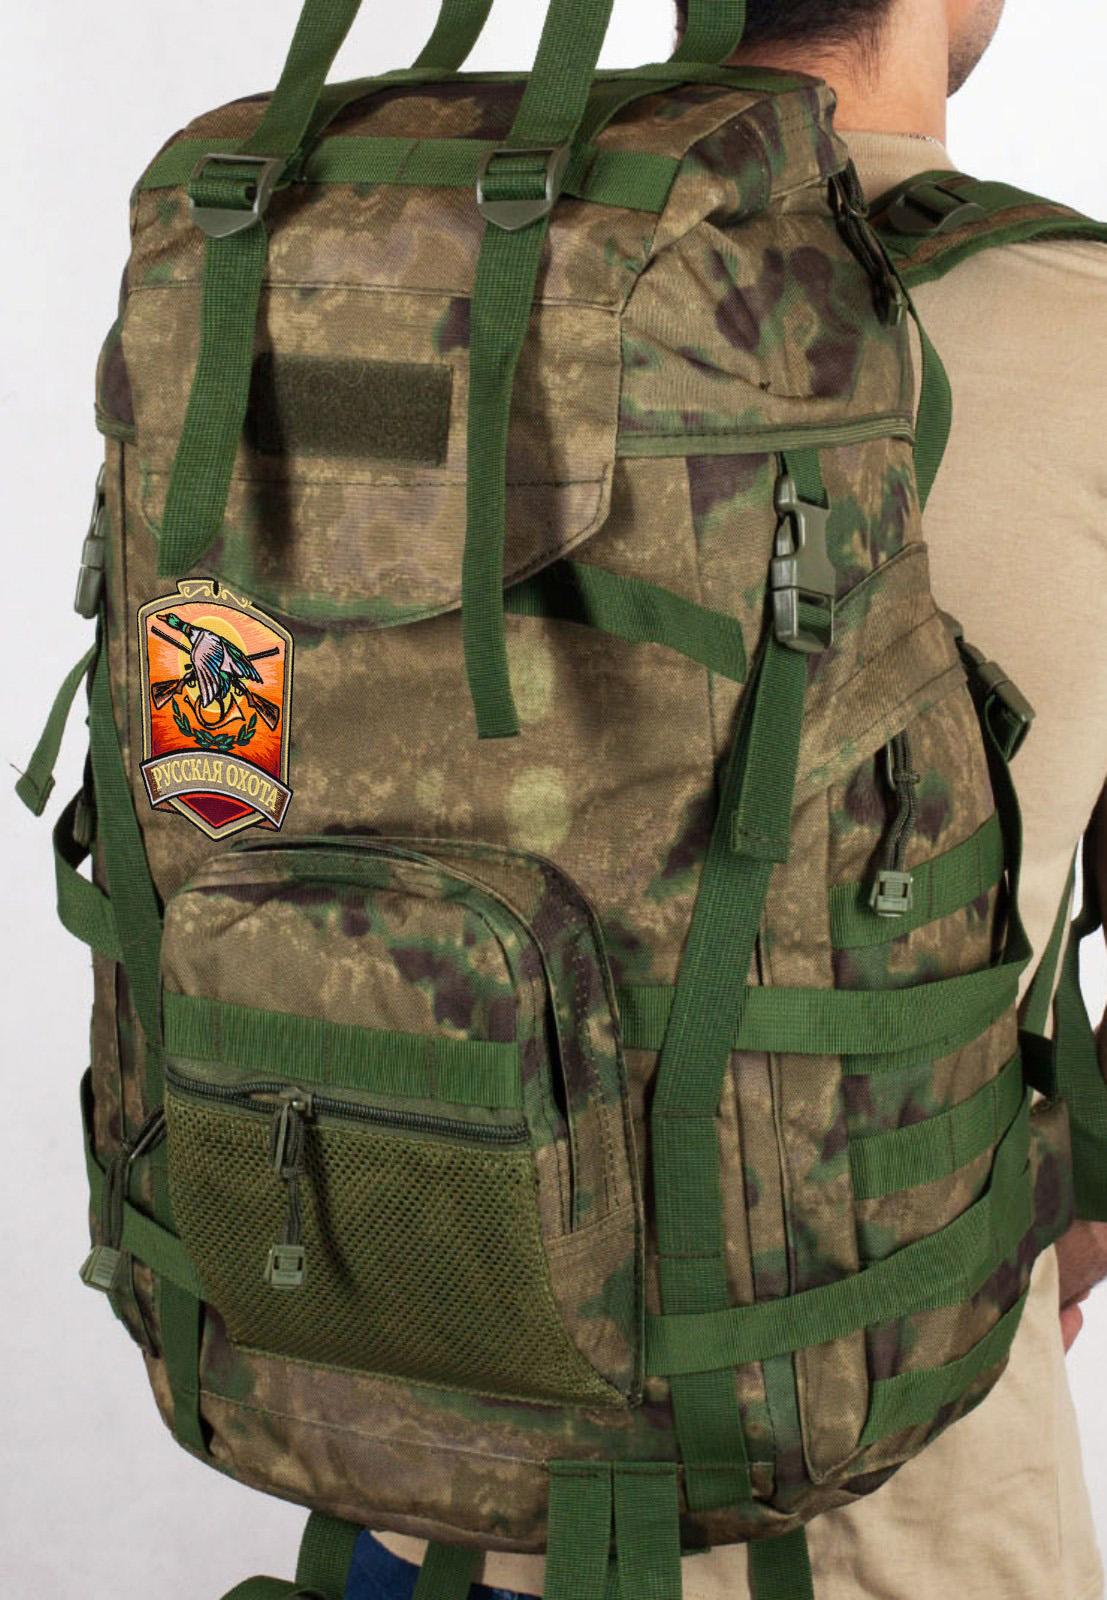 Эргономичный заплечный рюкзак с нашивкой Русская Охота